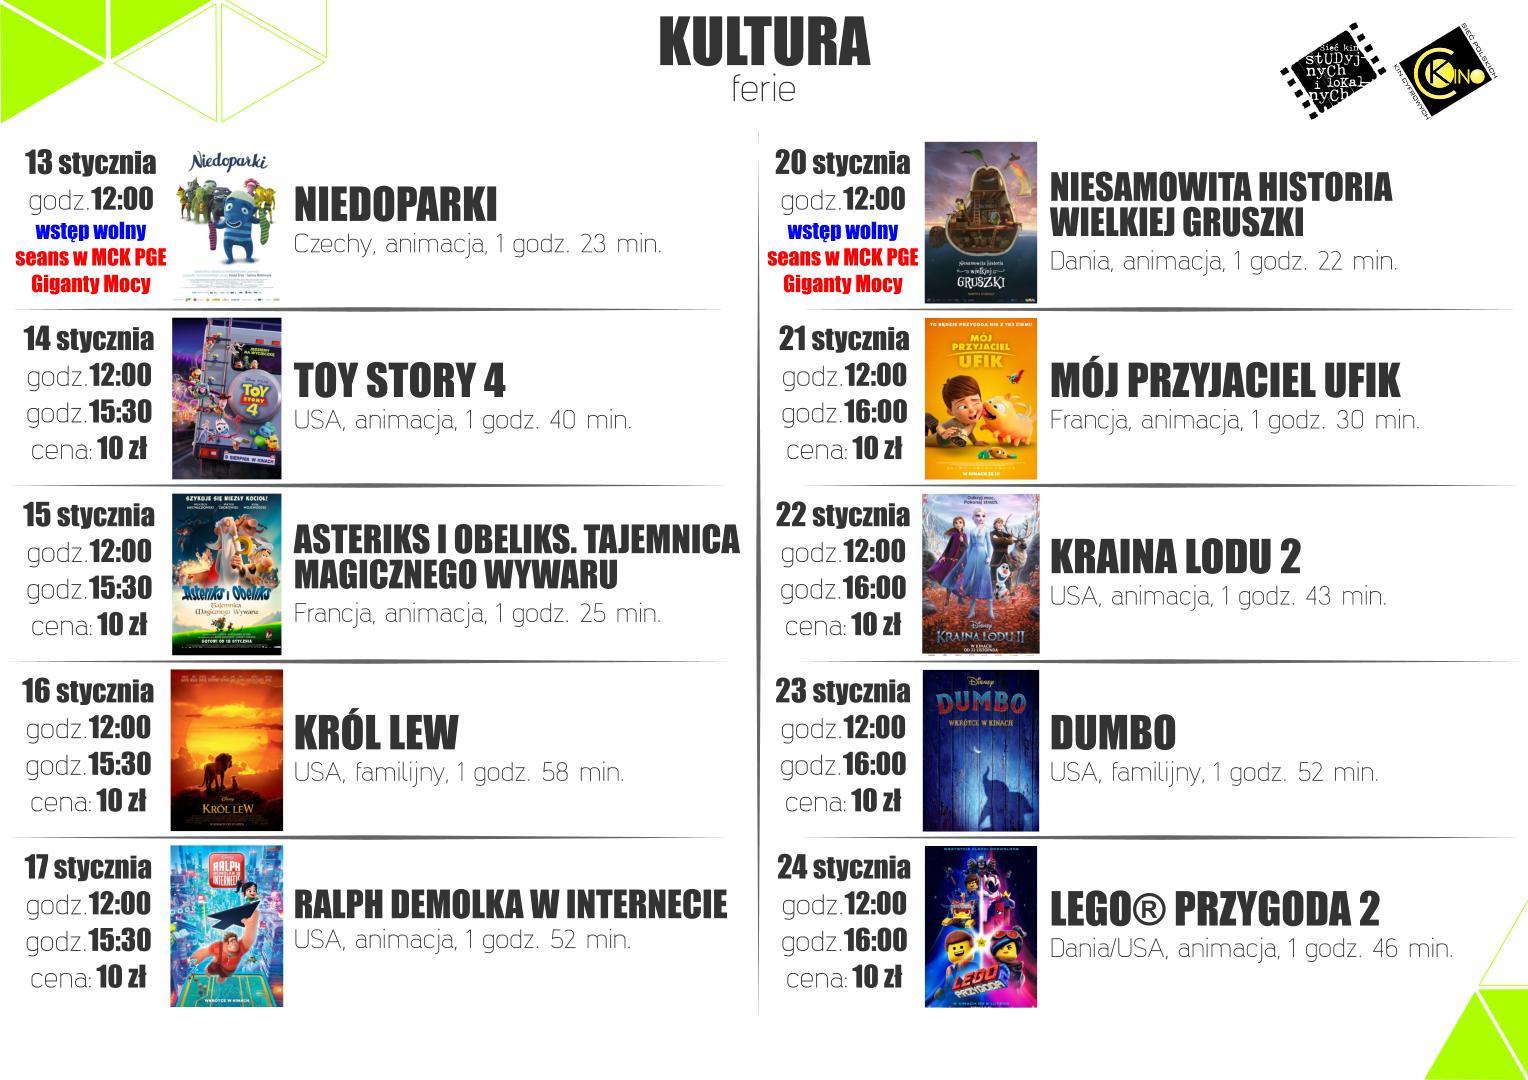 https://www.mckbelchatow.pl/kino-kultura/repertuar/2020/01/2/kultura-2020-01-13-ferie_ekran.jpg